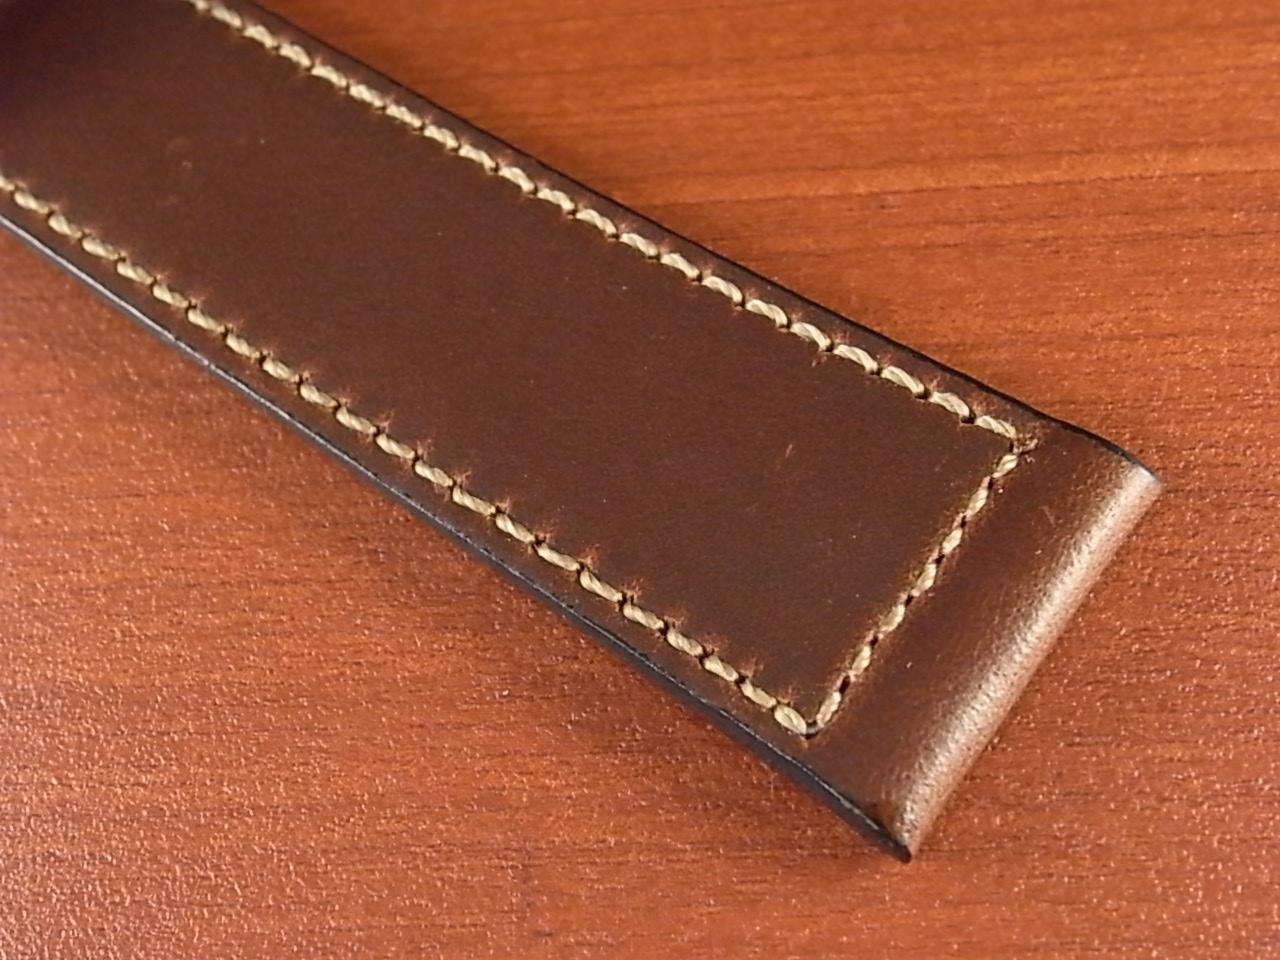 ホーウィン クロムエクセル レギュラー ティンバー 16、17、18、19、20mmの写真5枚目